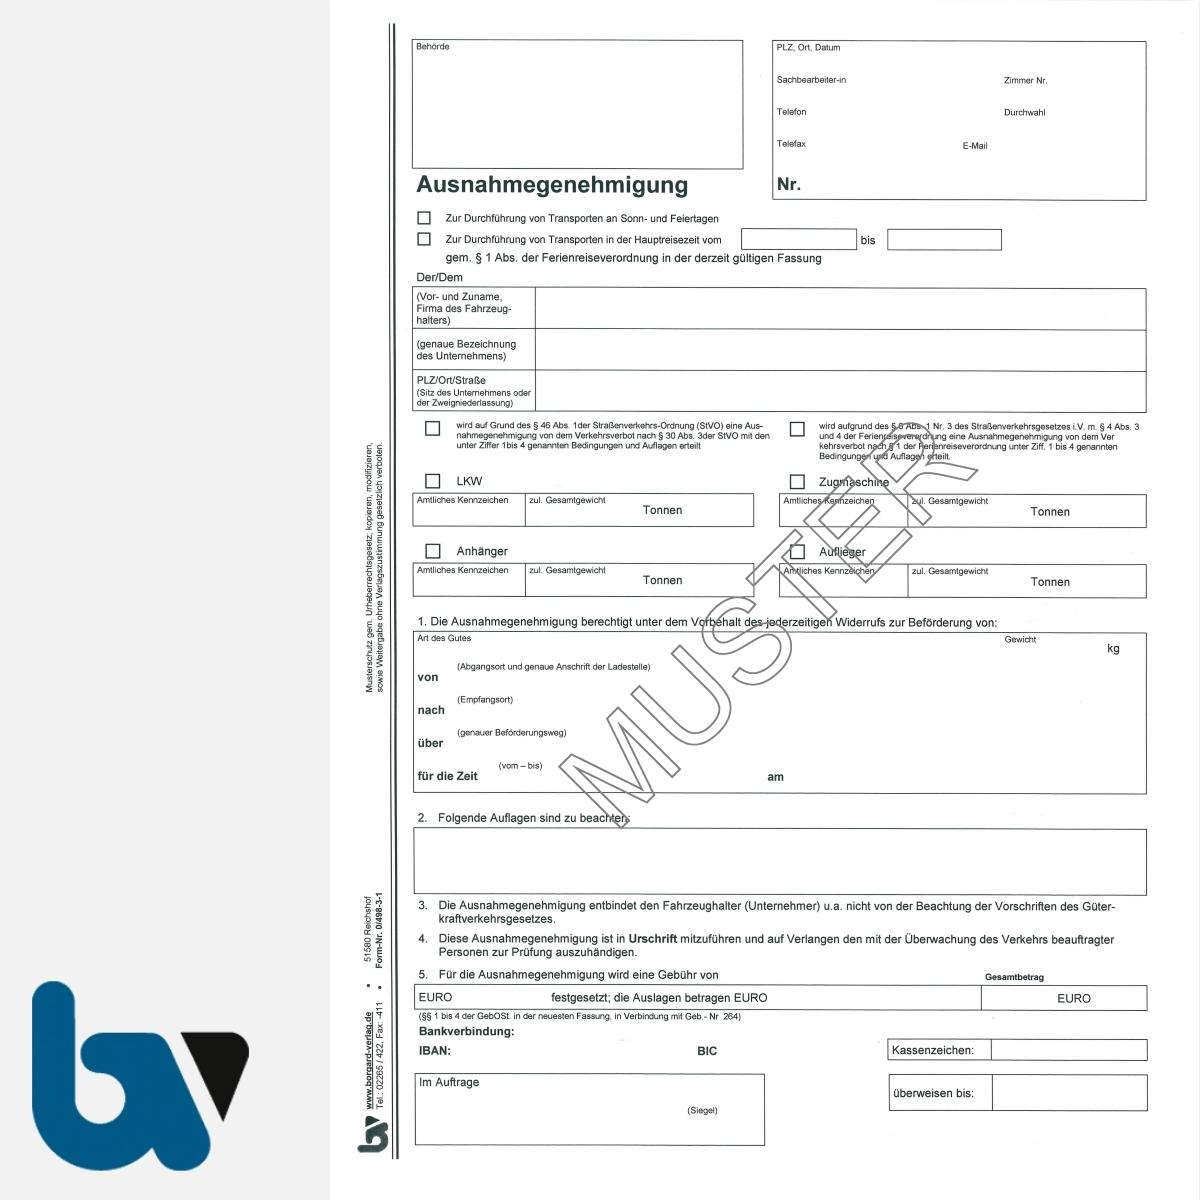 0/498-3.1 Ausnahmegenehmigung Durchführung Transporte Sonntag Feiertag Straßenverkehrsordnung StVO Strassenverkehrsgesetz StVG selbstdurchschreibend DIN A4 2-fach VS | Borgard Verlag GmbH